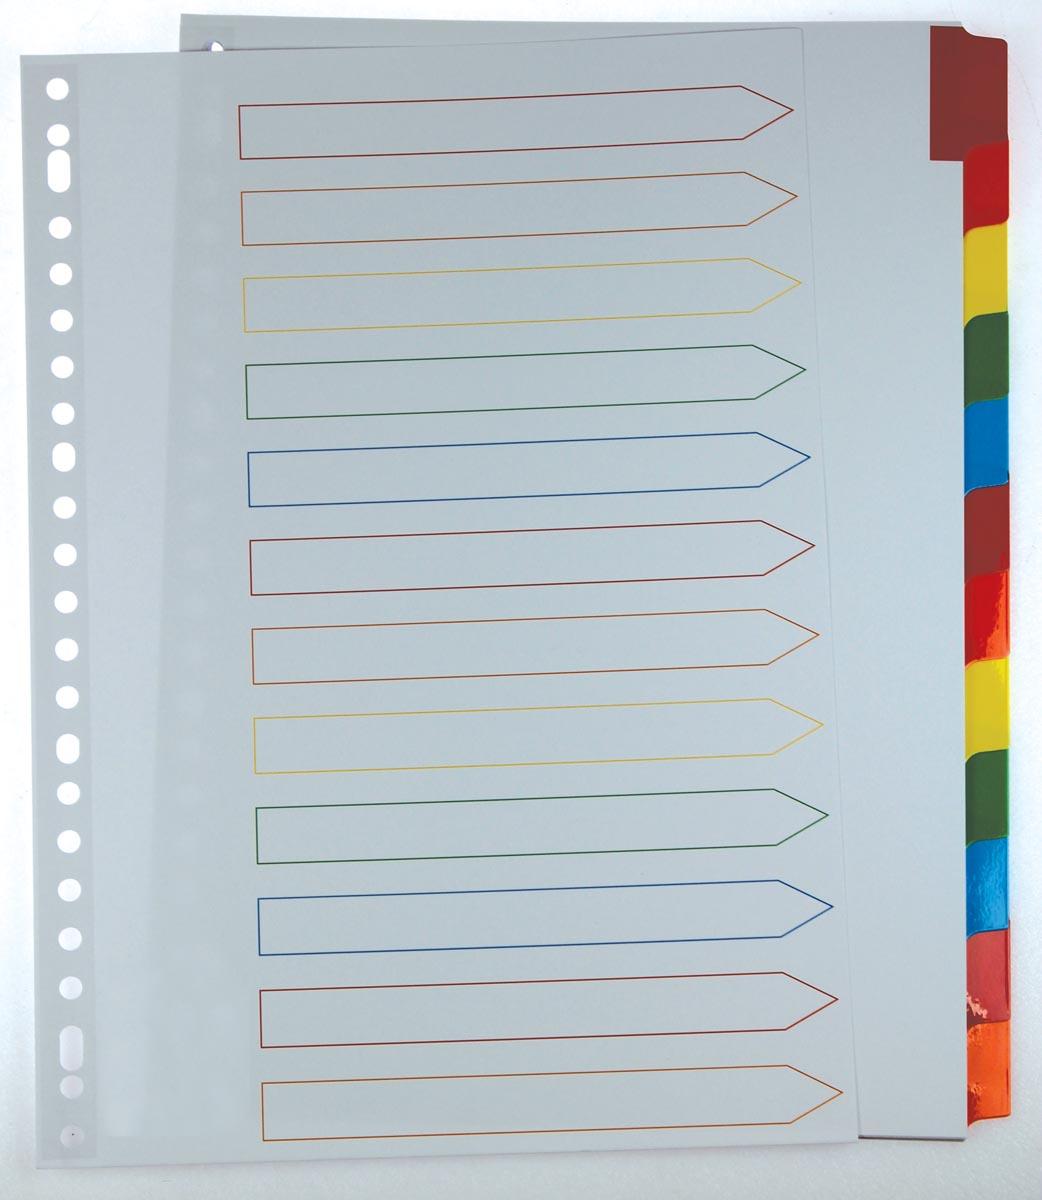 Pergamy tabbladen met indexblad, ft A4, 11-gaatsperforatie, geassorteerde kleuren, 12 tabs